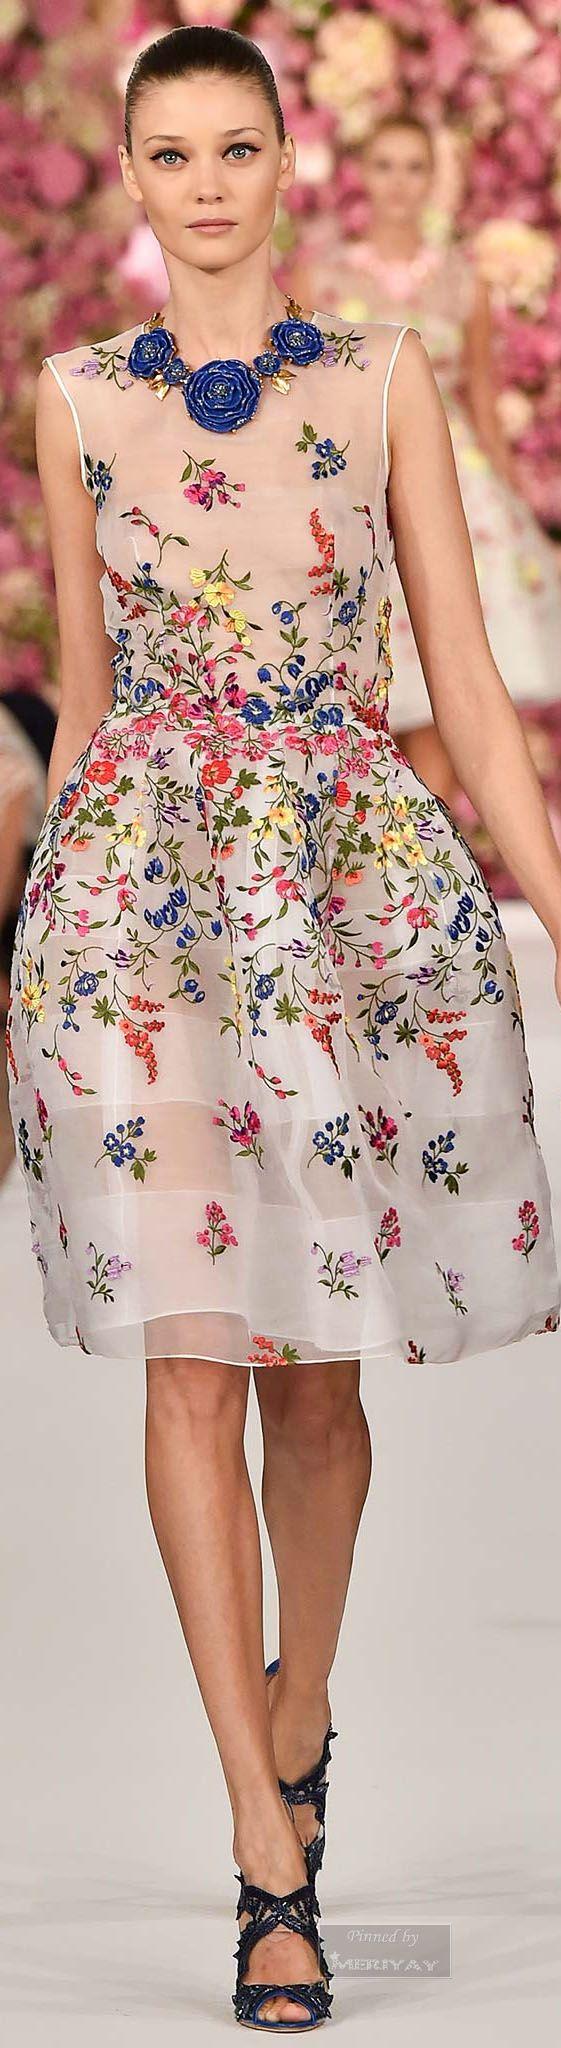 Oscar de la Renta.Spring 2015. impara anche tu! scuola di ricamo alta moda propone corso di creazioni di fiori in seta per la moda